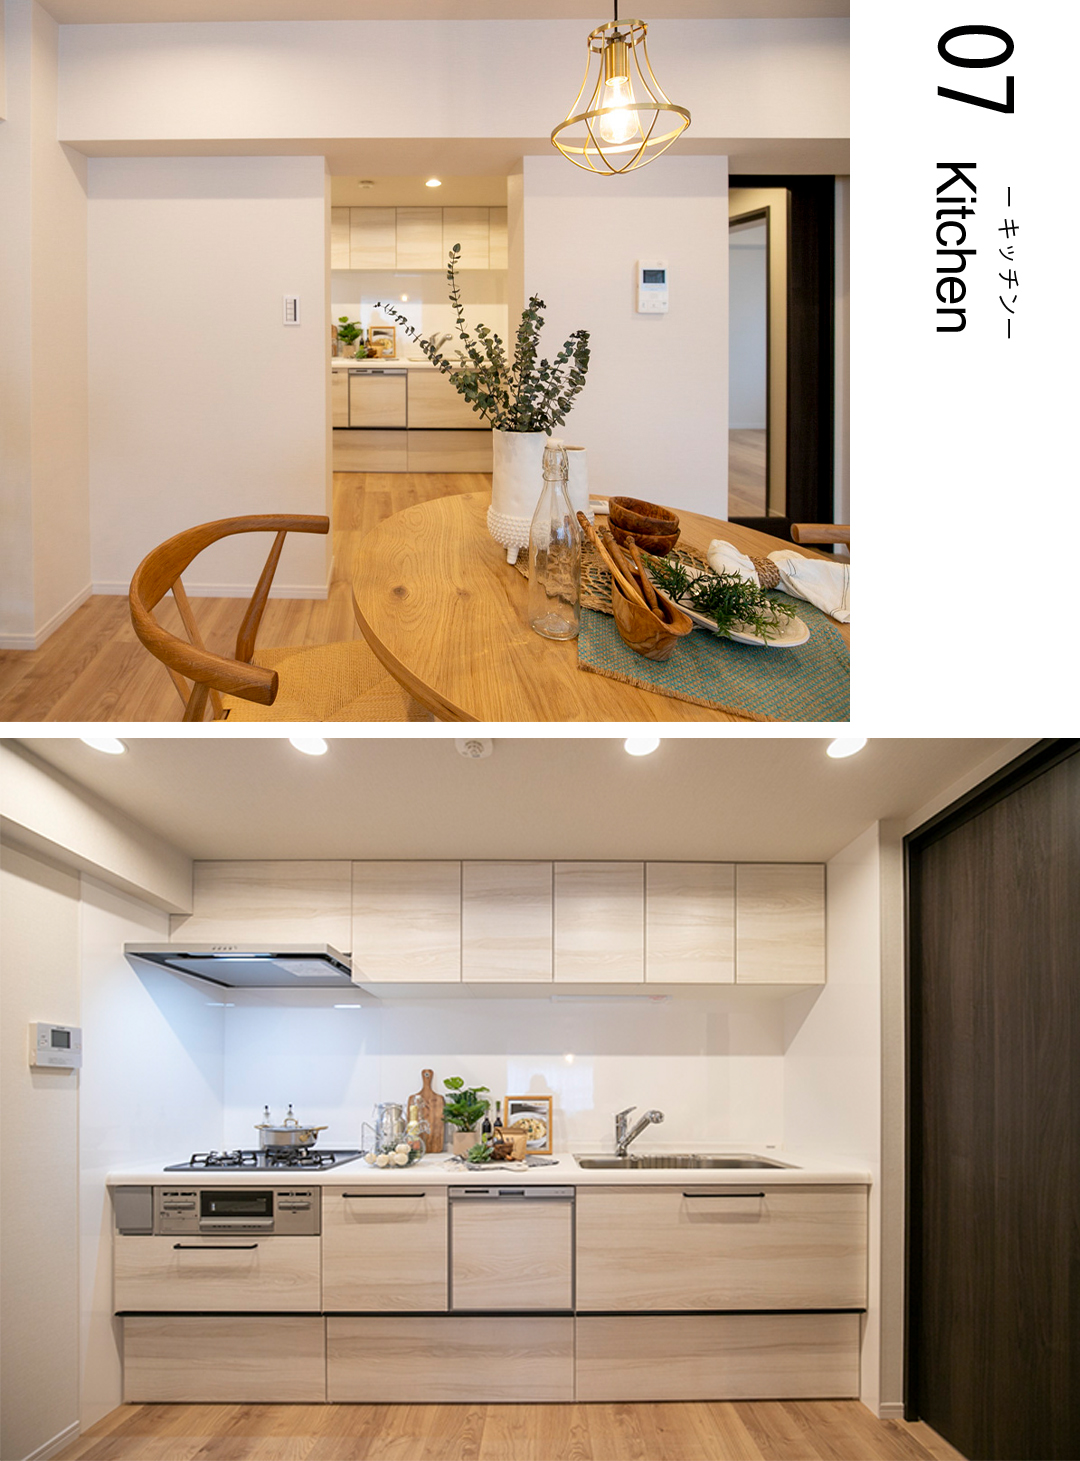 07,kitchen,キッチン